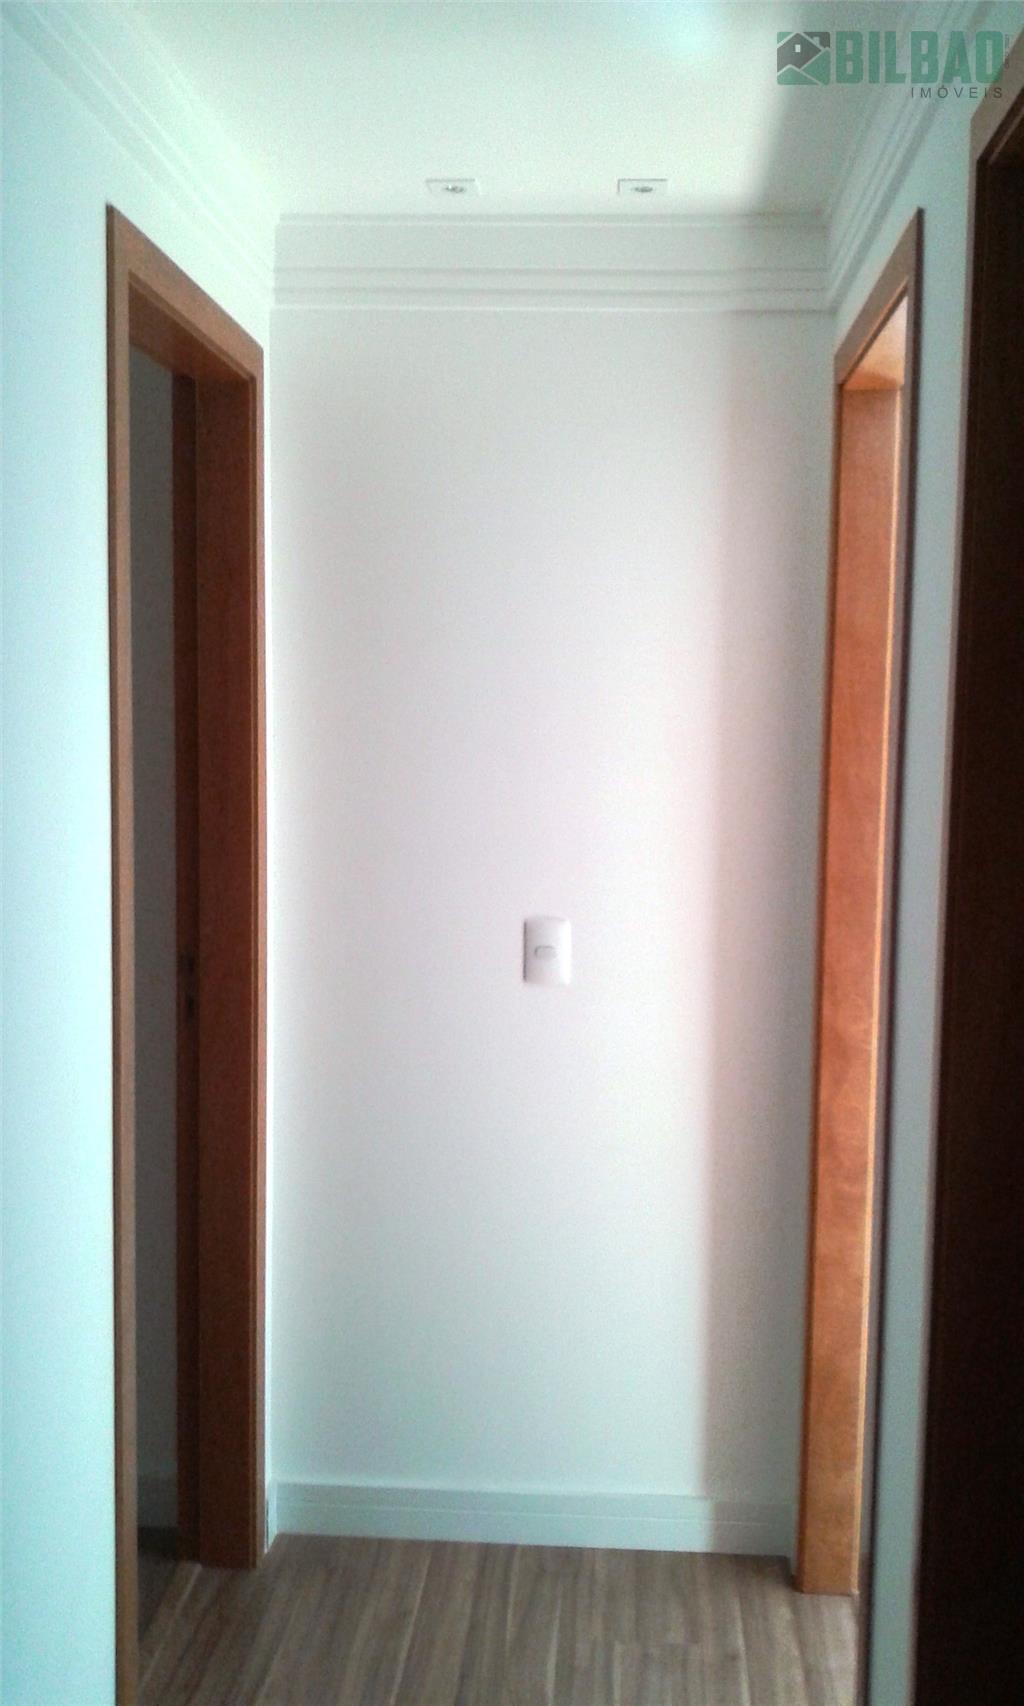 oportunidade ! ! guanabara, localização privilegiada, excelente apartamento, sala com sacada, 2 dormitórios (1 com a/c),...